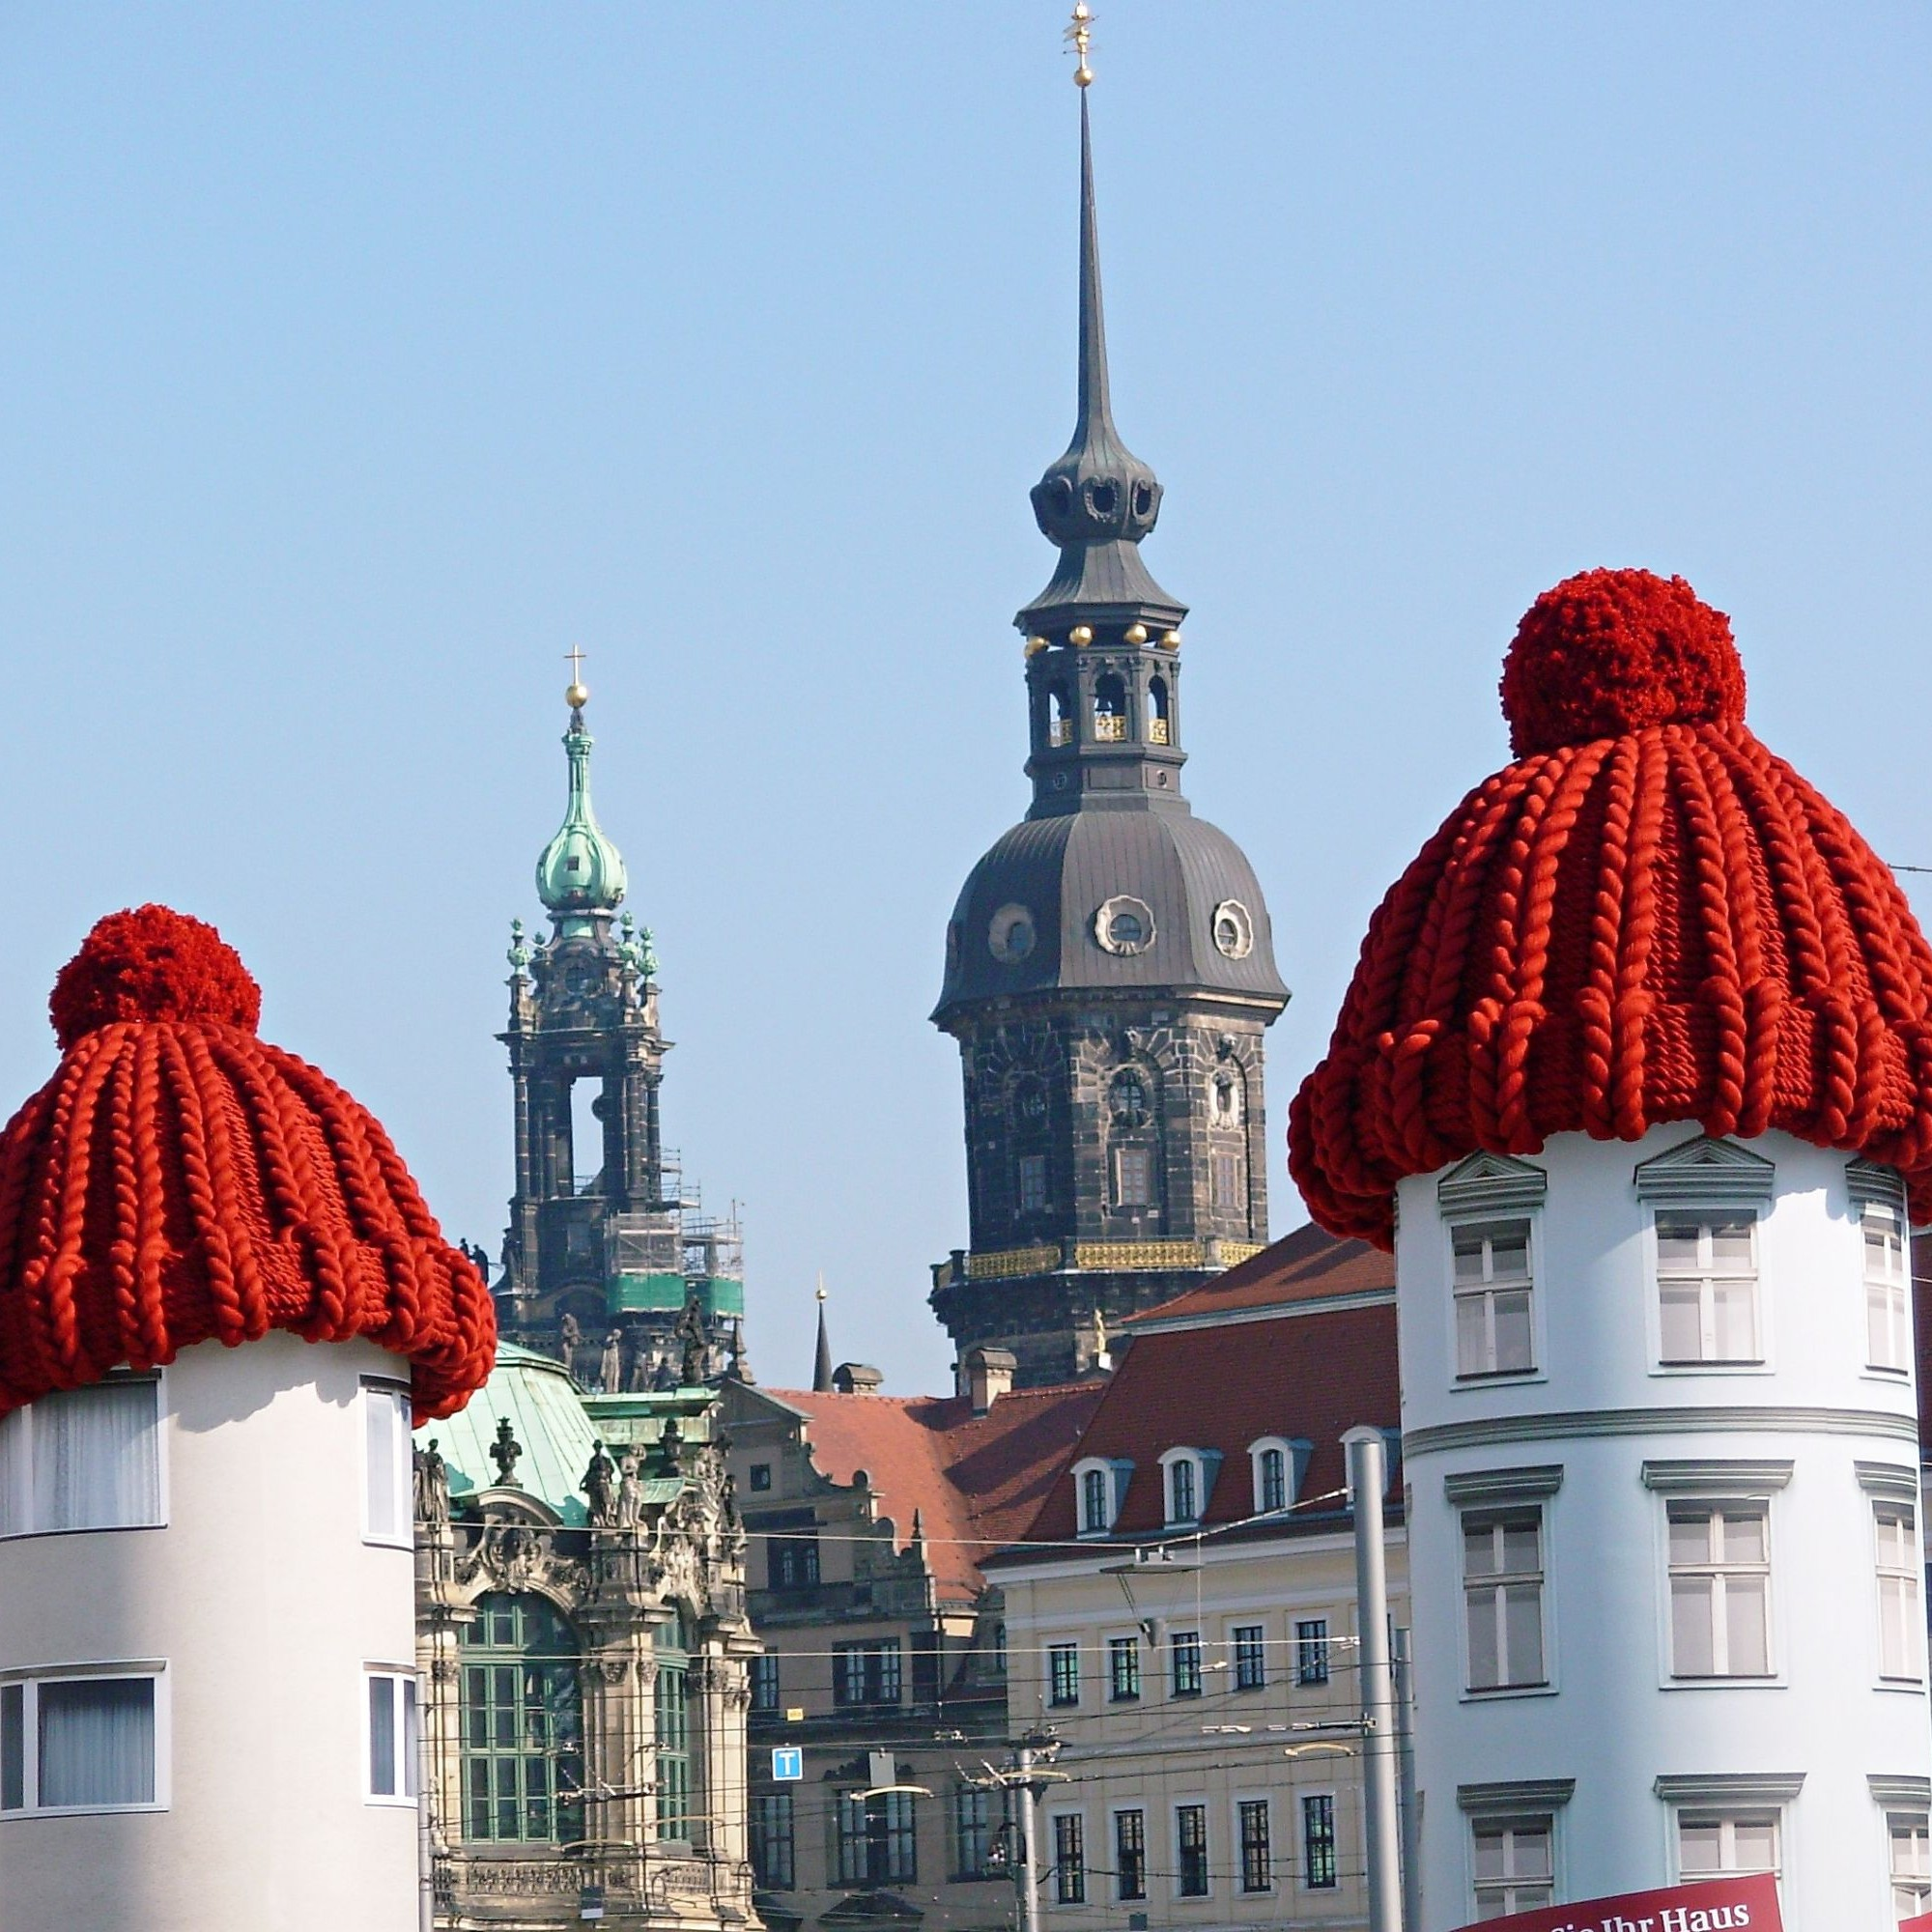 Plakatsäulenaktion auf dem Postplatz in Dresden, die zu erhöhten Investitionen in die Dämmung motivieren sollte.